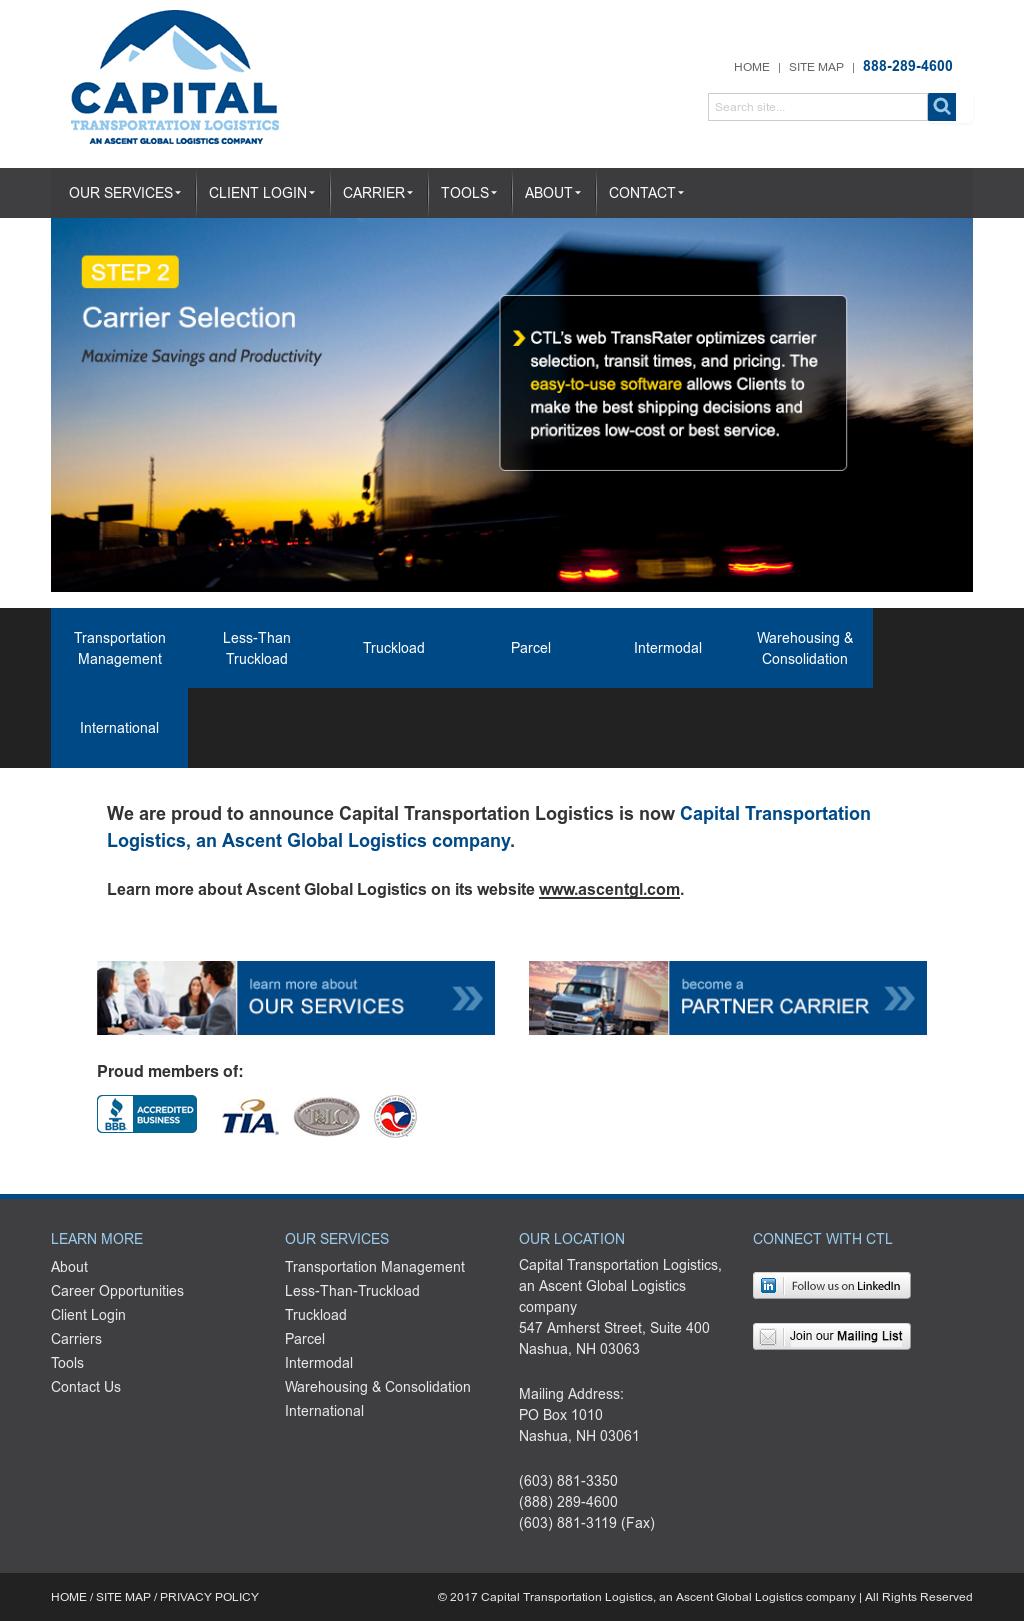 Capital Transportation Logistics Competitors, Revenue and